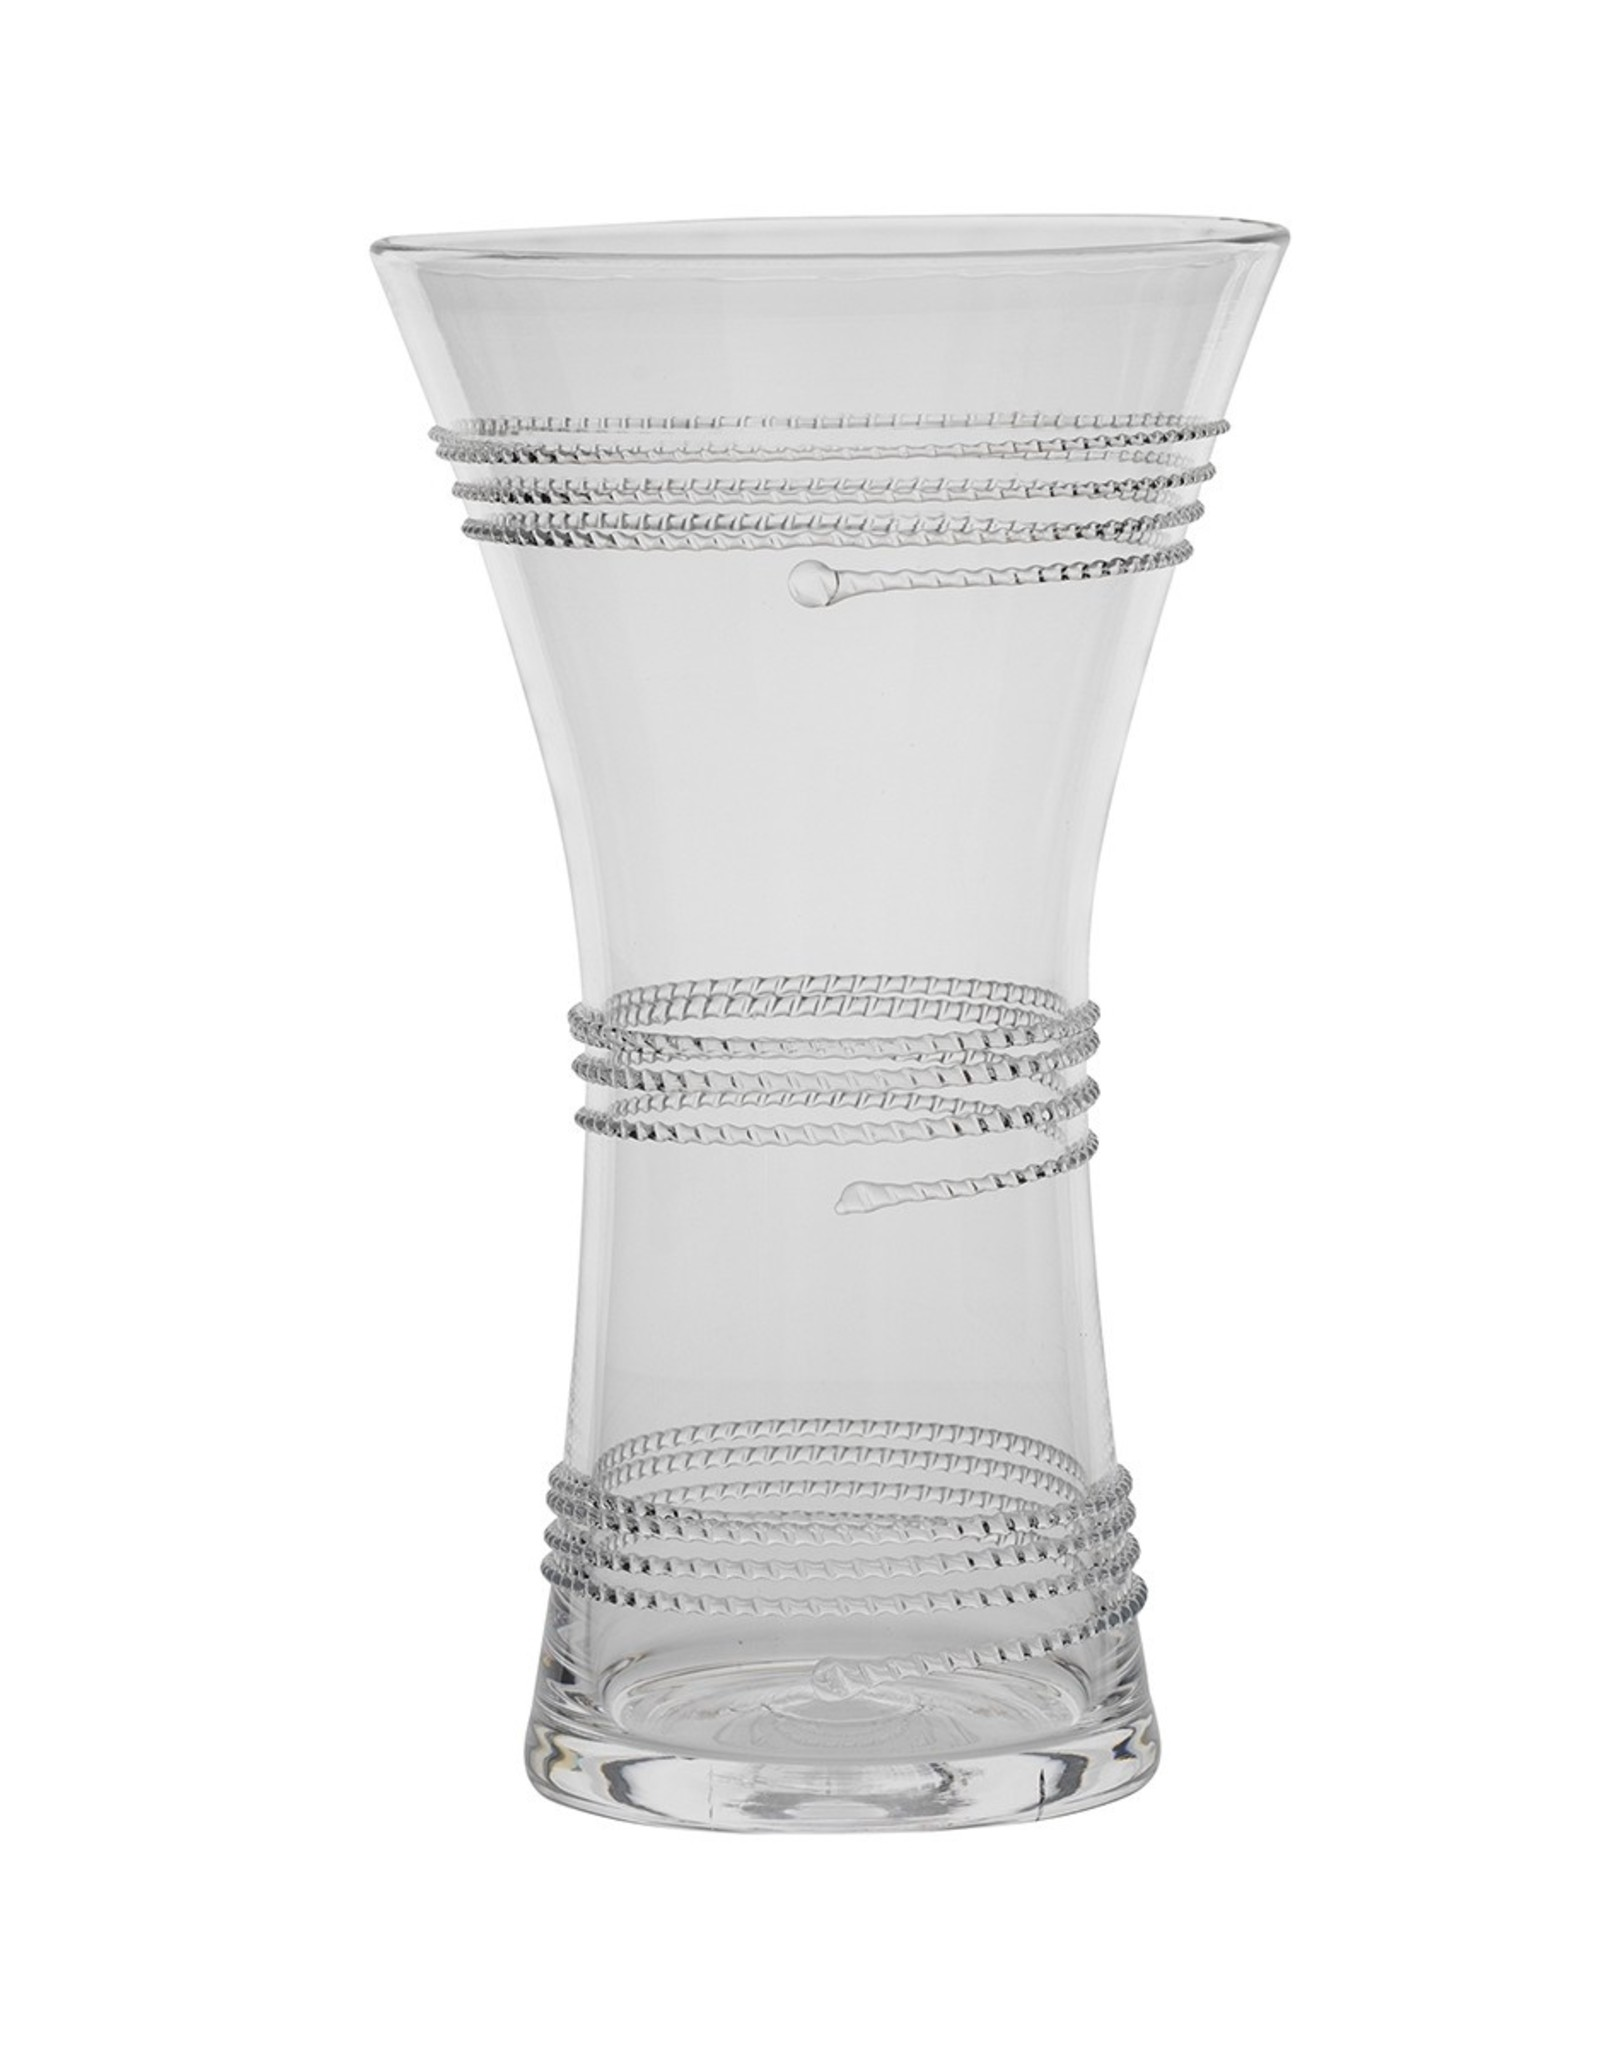 Juliska Ella Corset Vase by Juliska